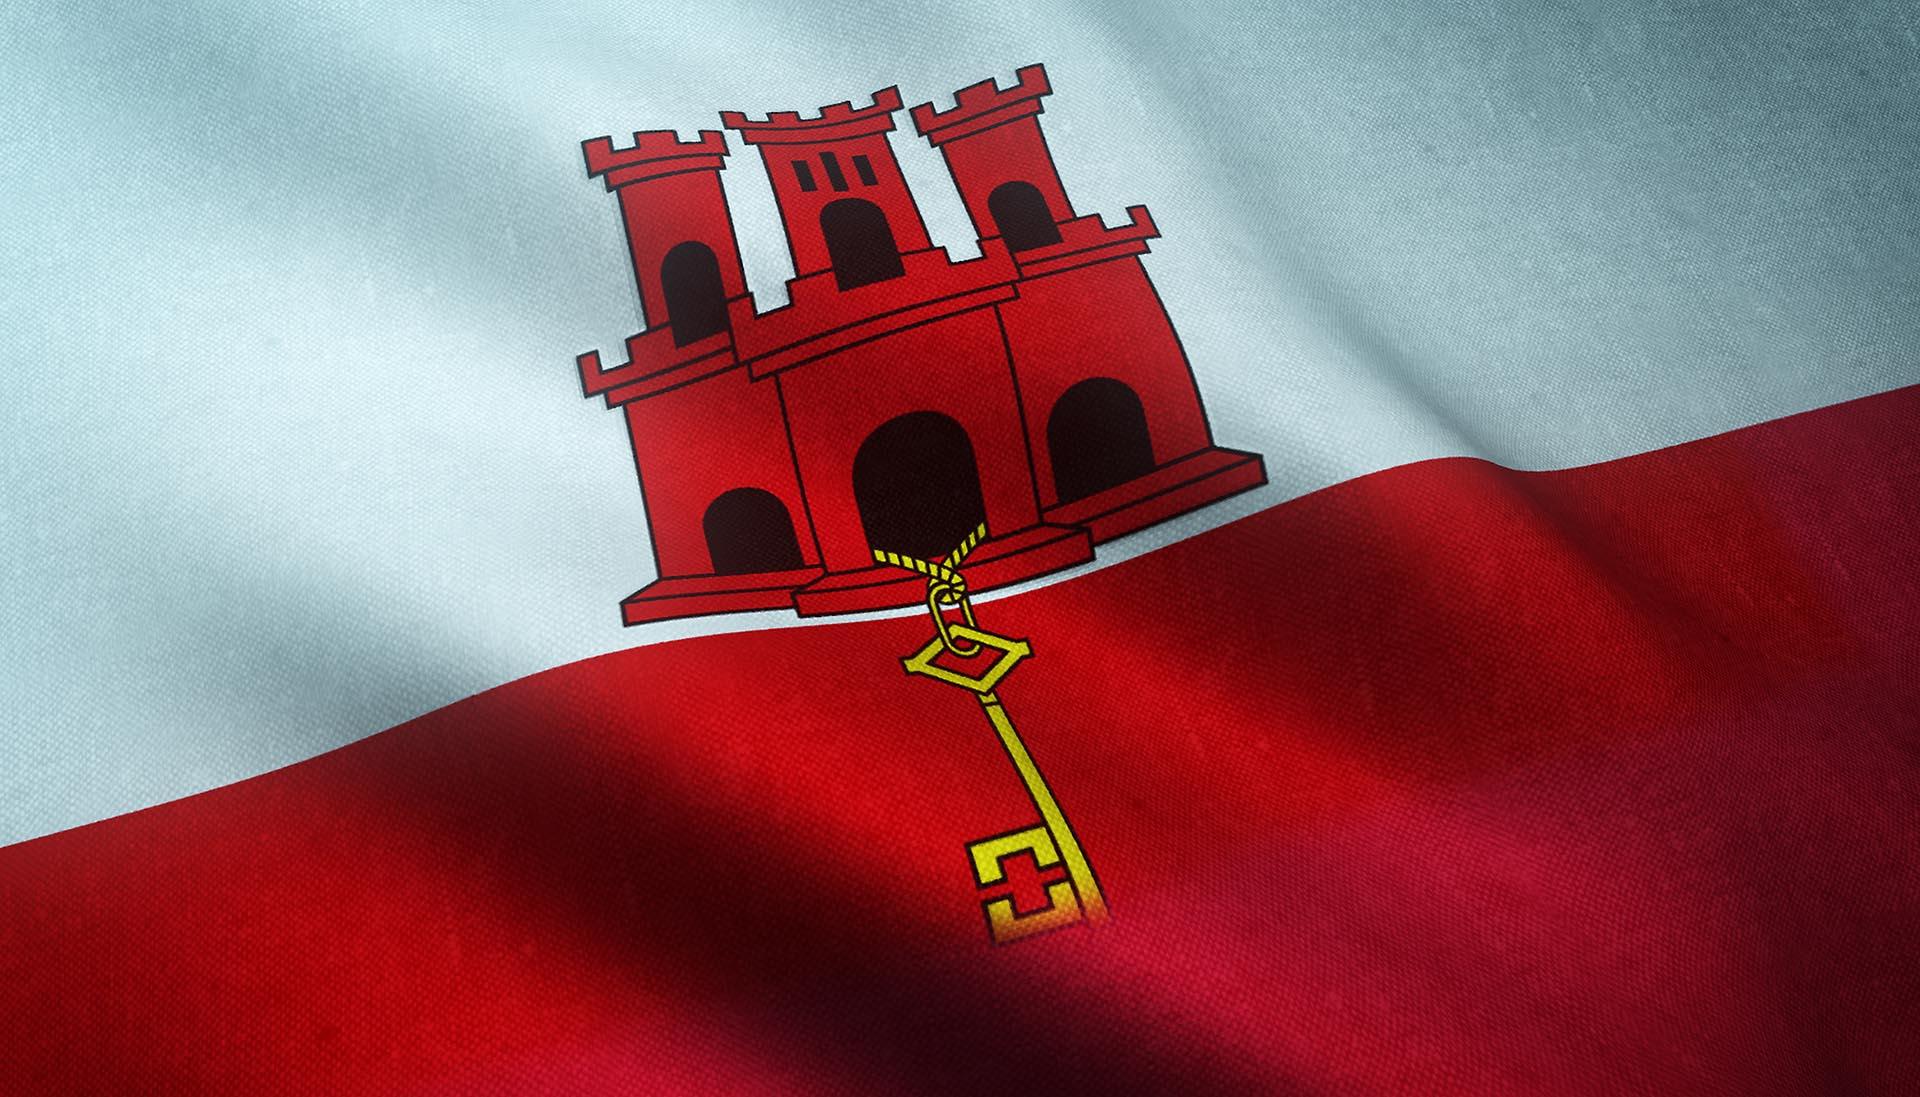 Foto de Banner creado por wirestock - www.freepik.es